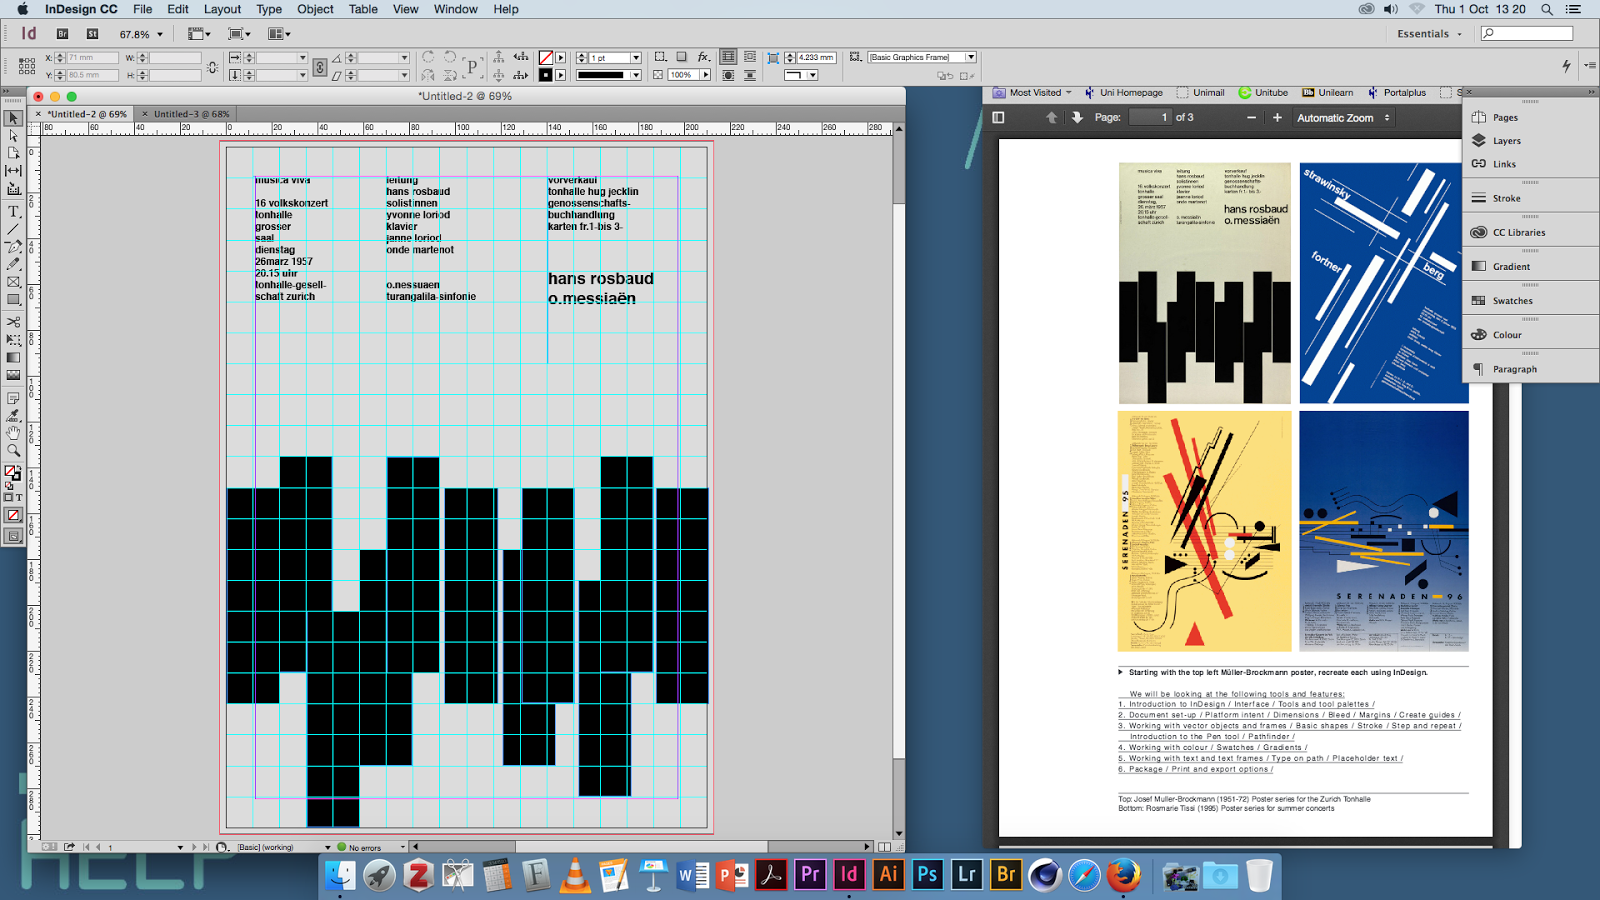 Dorian OlteanuBlog: Adobe Creative Cloud Process: Indesign